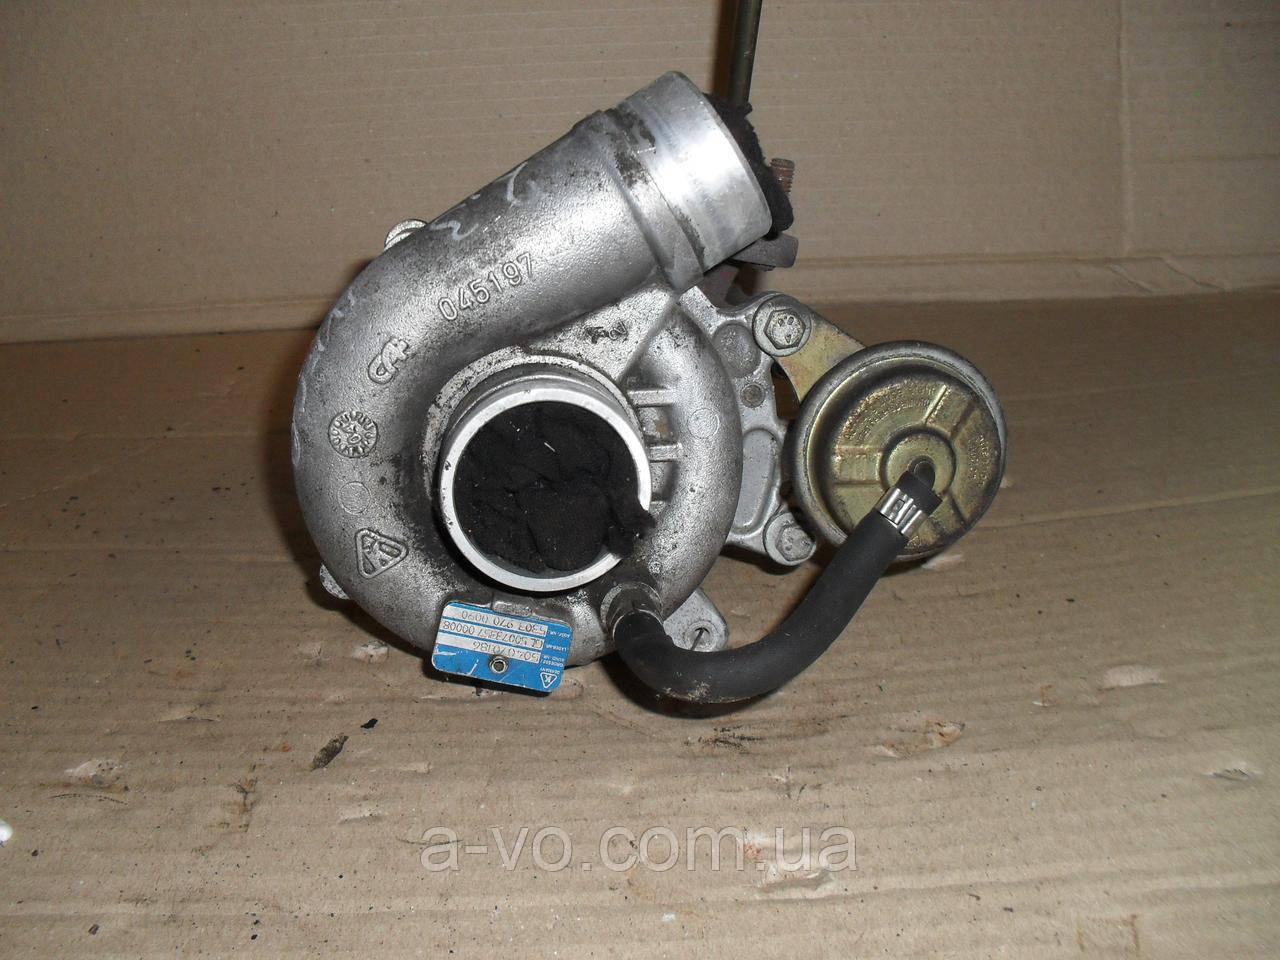 Турбина для Fiat Ducato 2 Iveco Daily 2.3JTD, 504070186